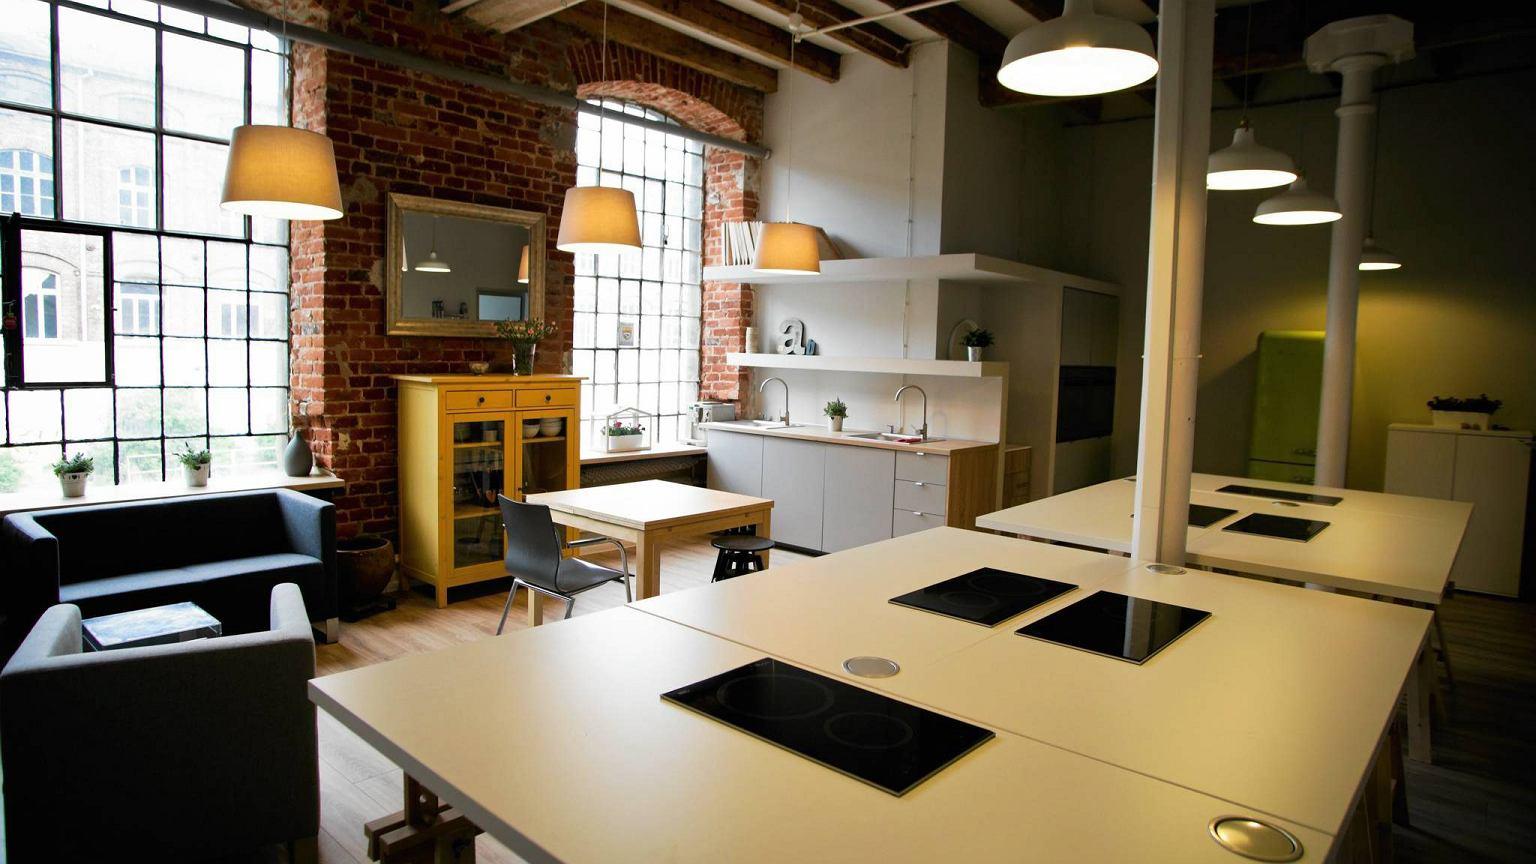 Kuchnia Baccaro  studio kulinarne w OFF Piotrkowska  zdjęcie nr 5 -> Kuchnia Gazowa Lodz